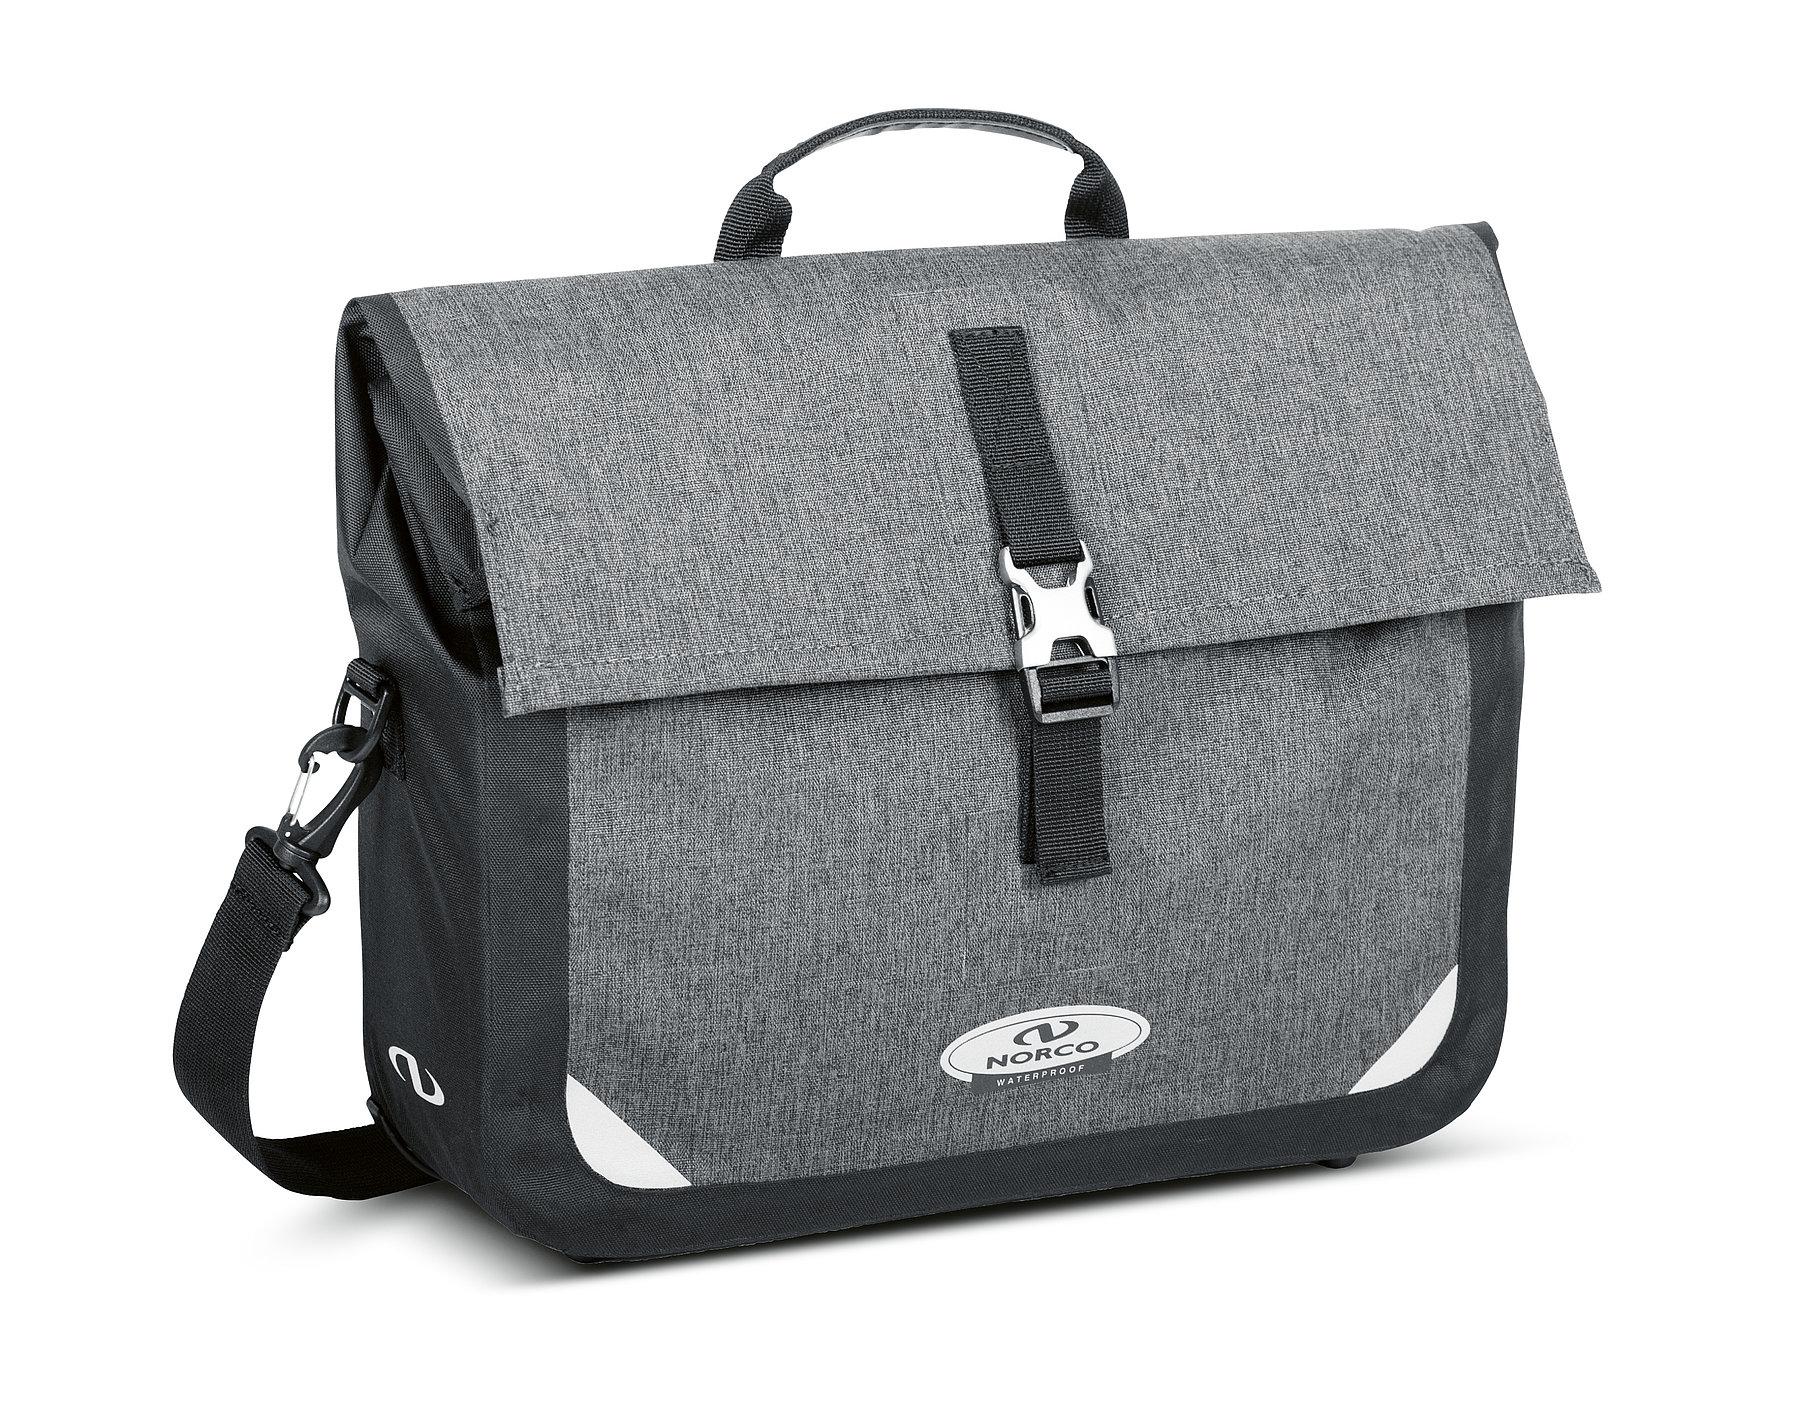 Norco Kilmore Commuter Bag | Red Dot Design Award